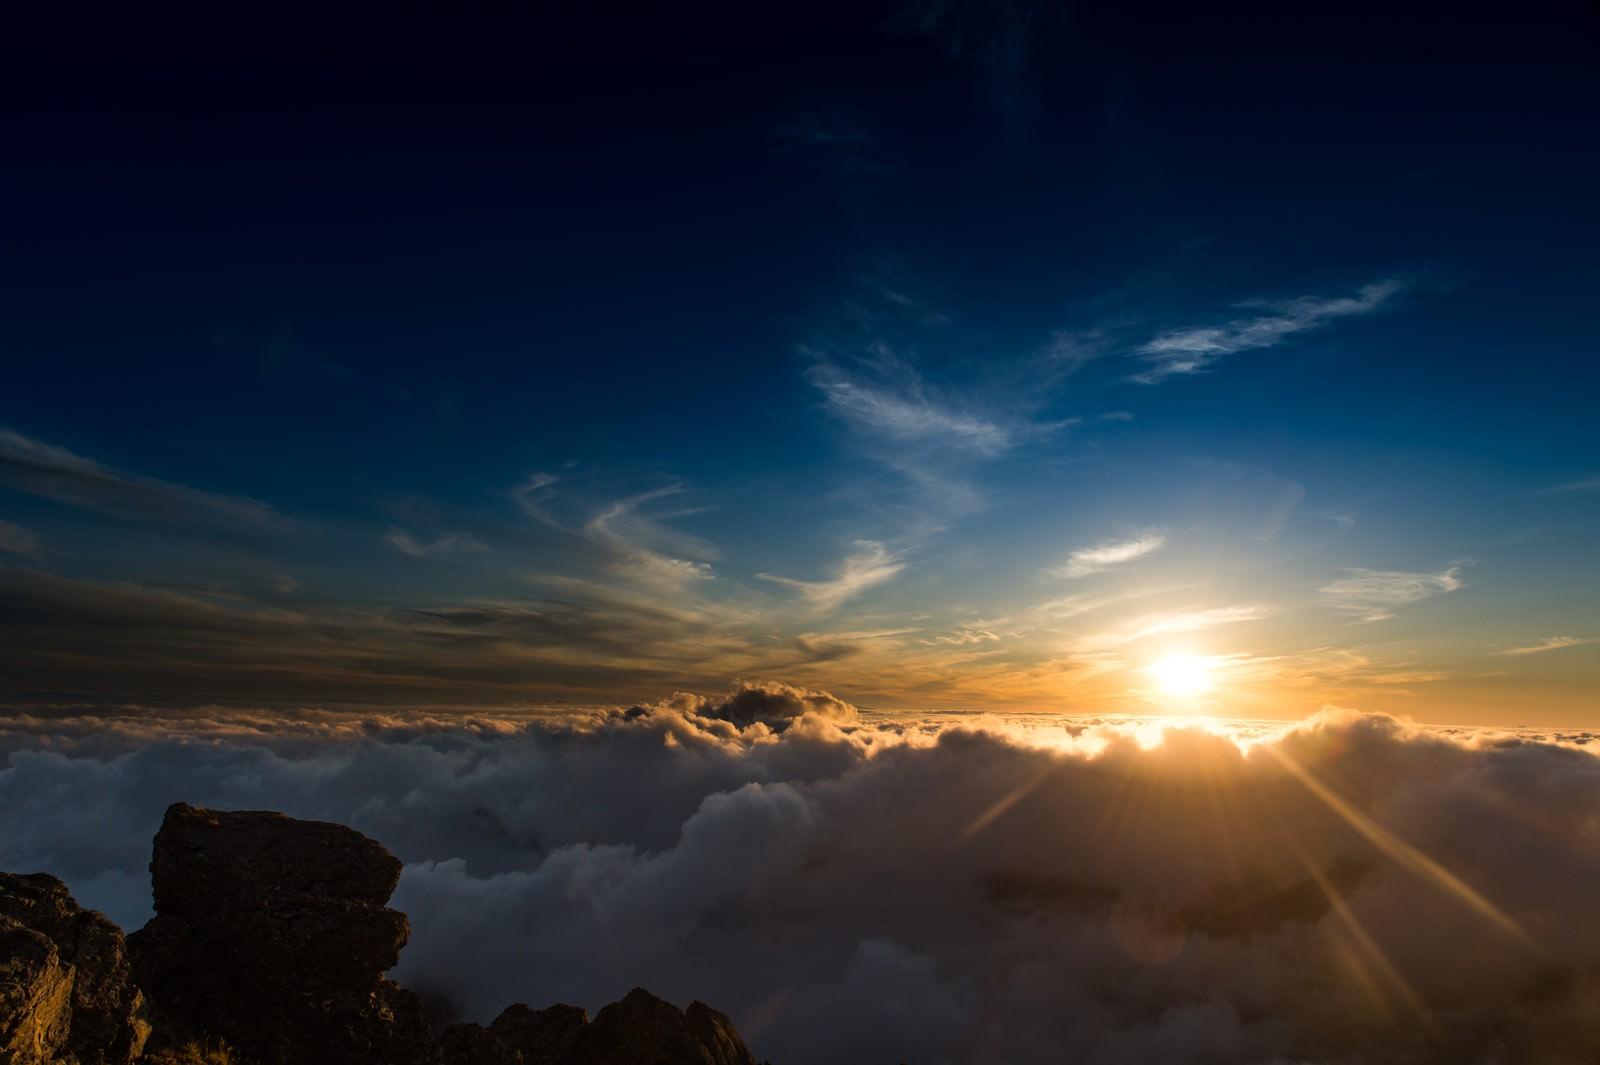 「標高3000mを超える北アルプスの夕方の雲海」の写真